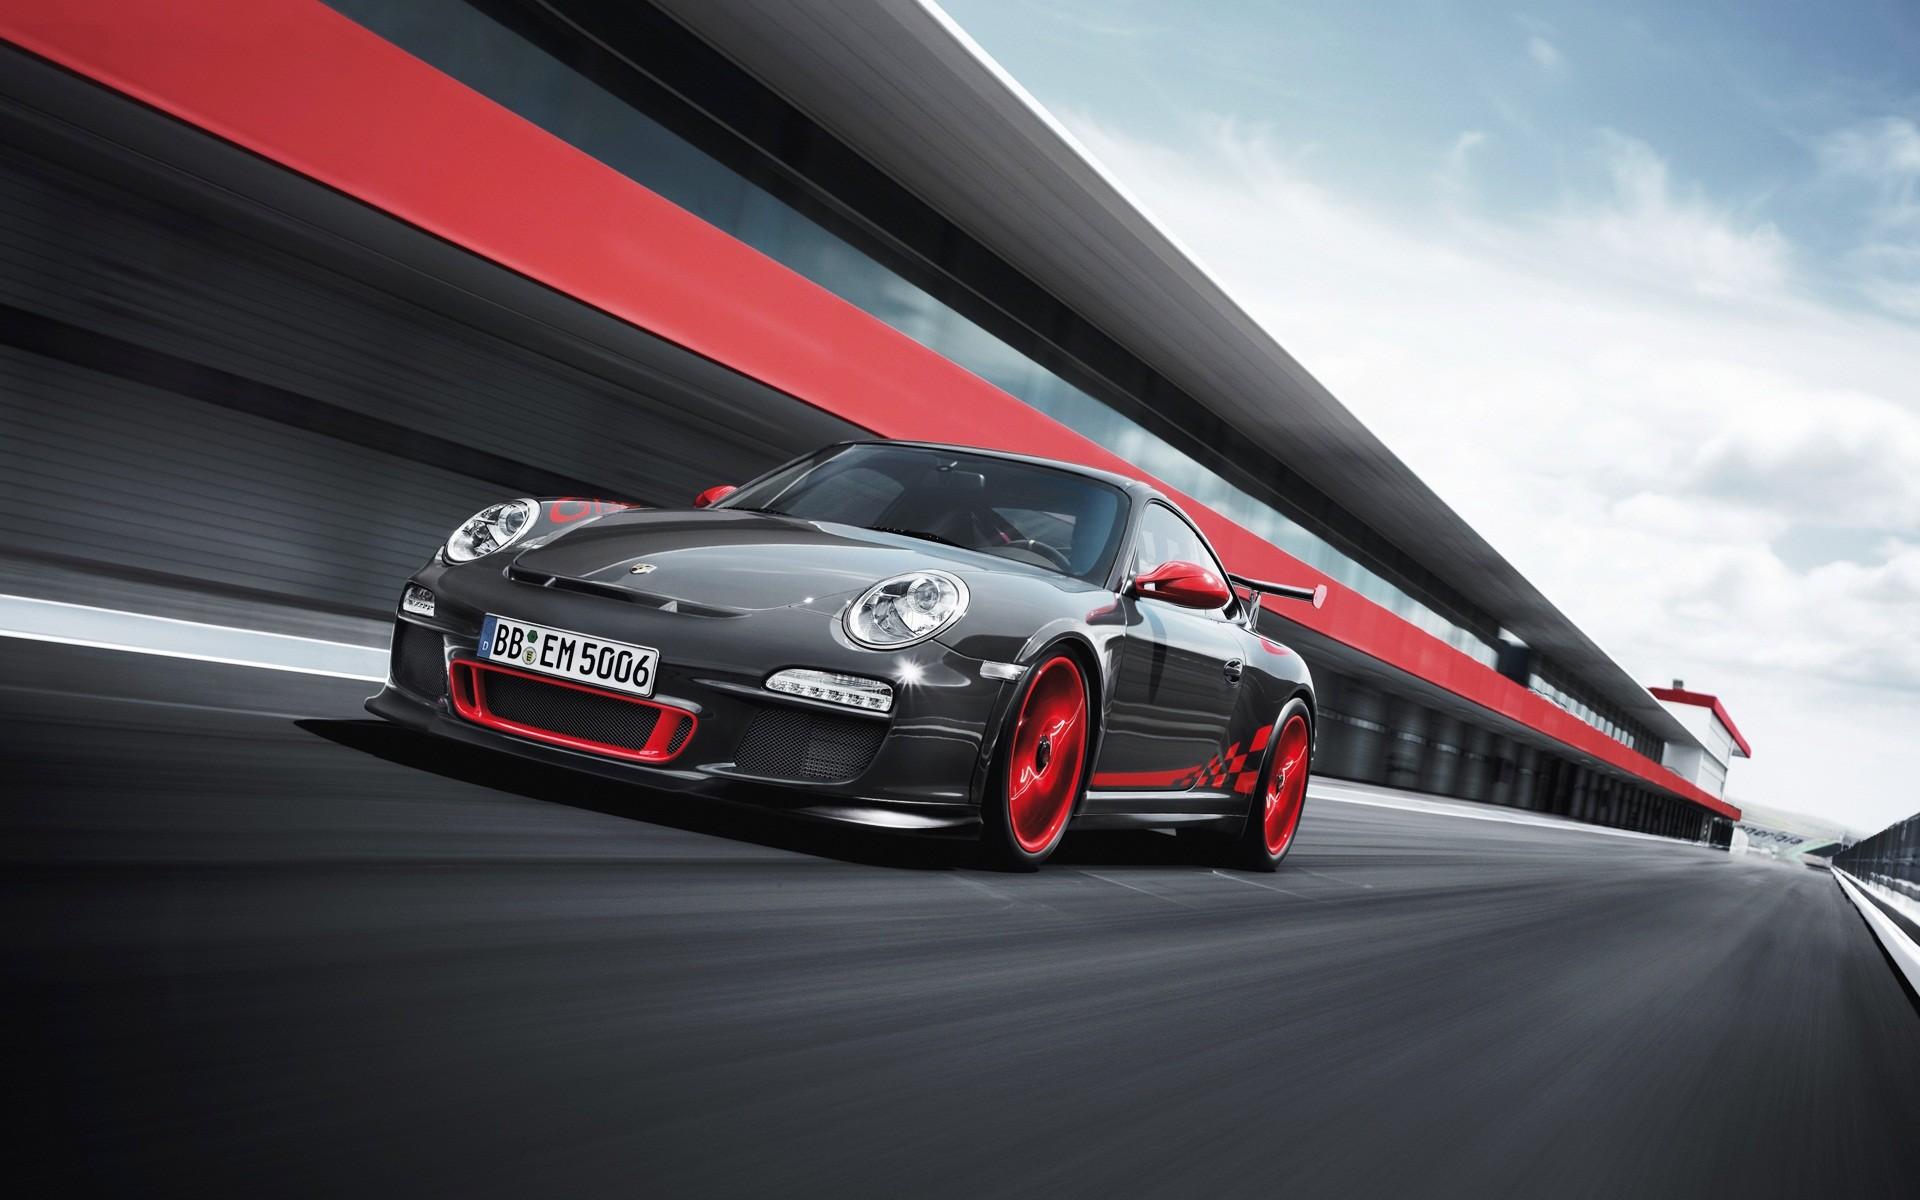 Porsche 911 Gt3 Rs Wallpaper ① Wallpapertag